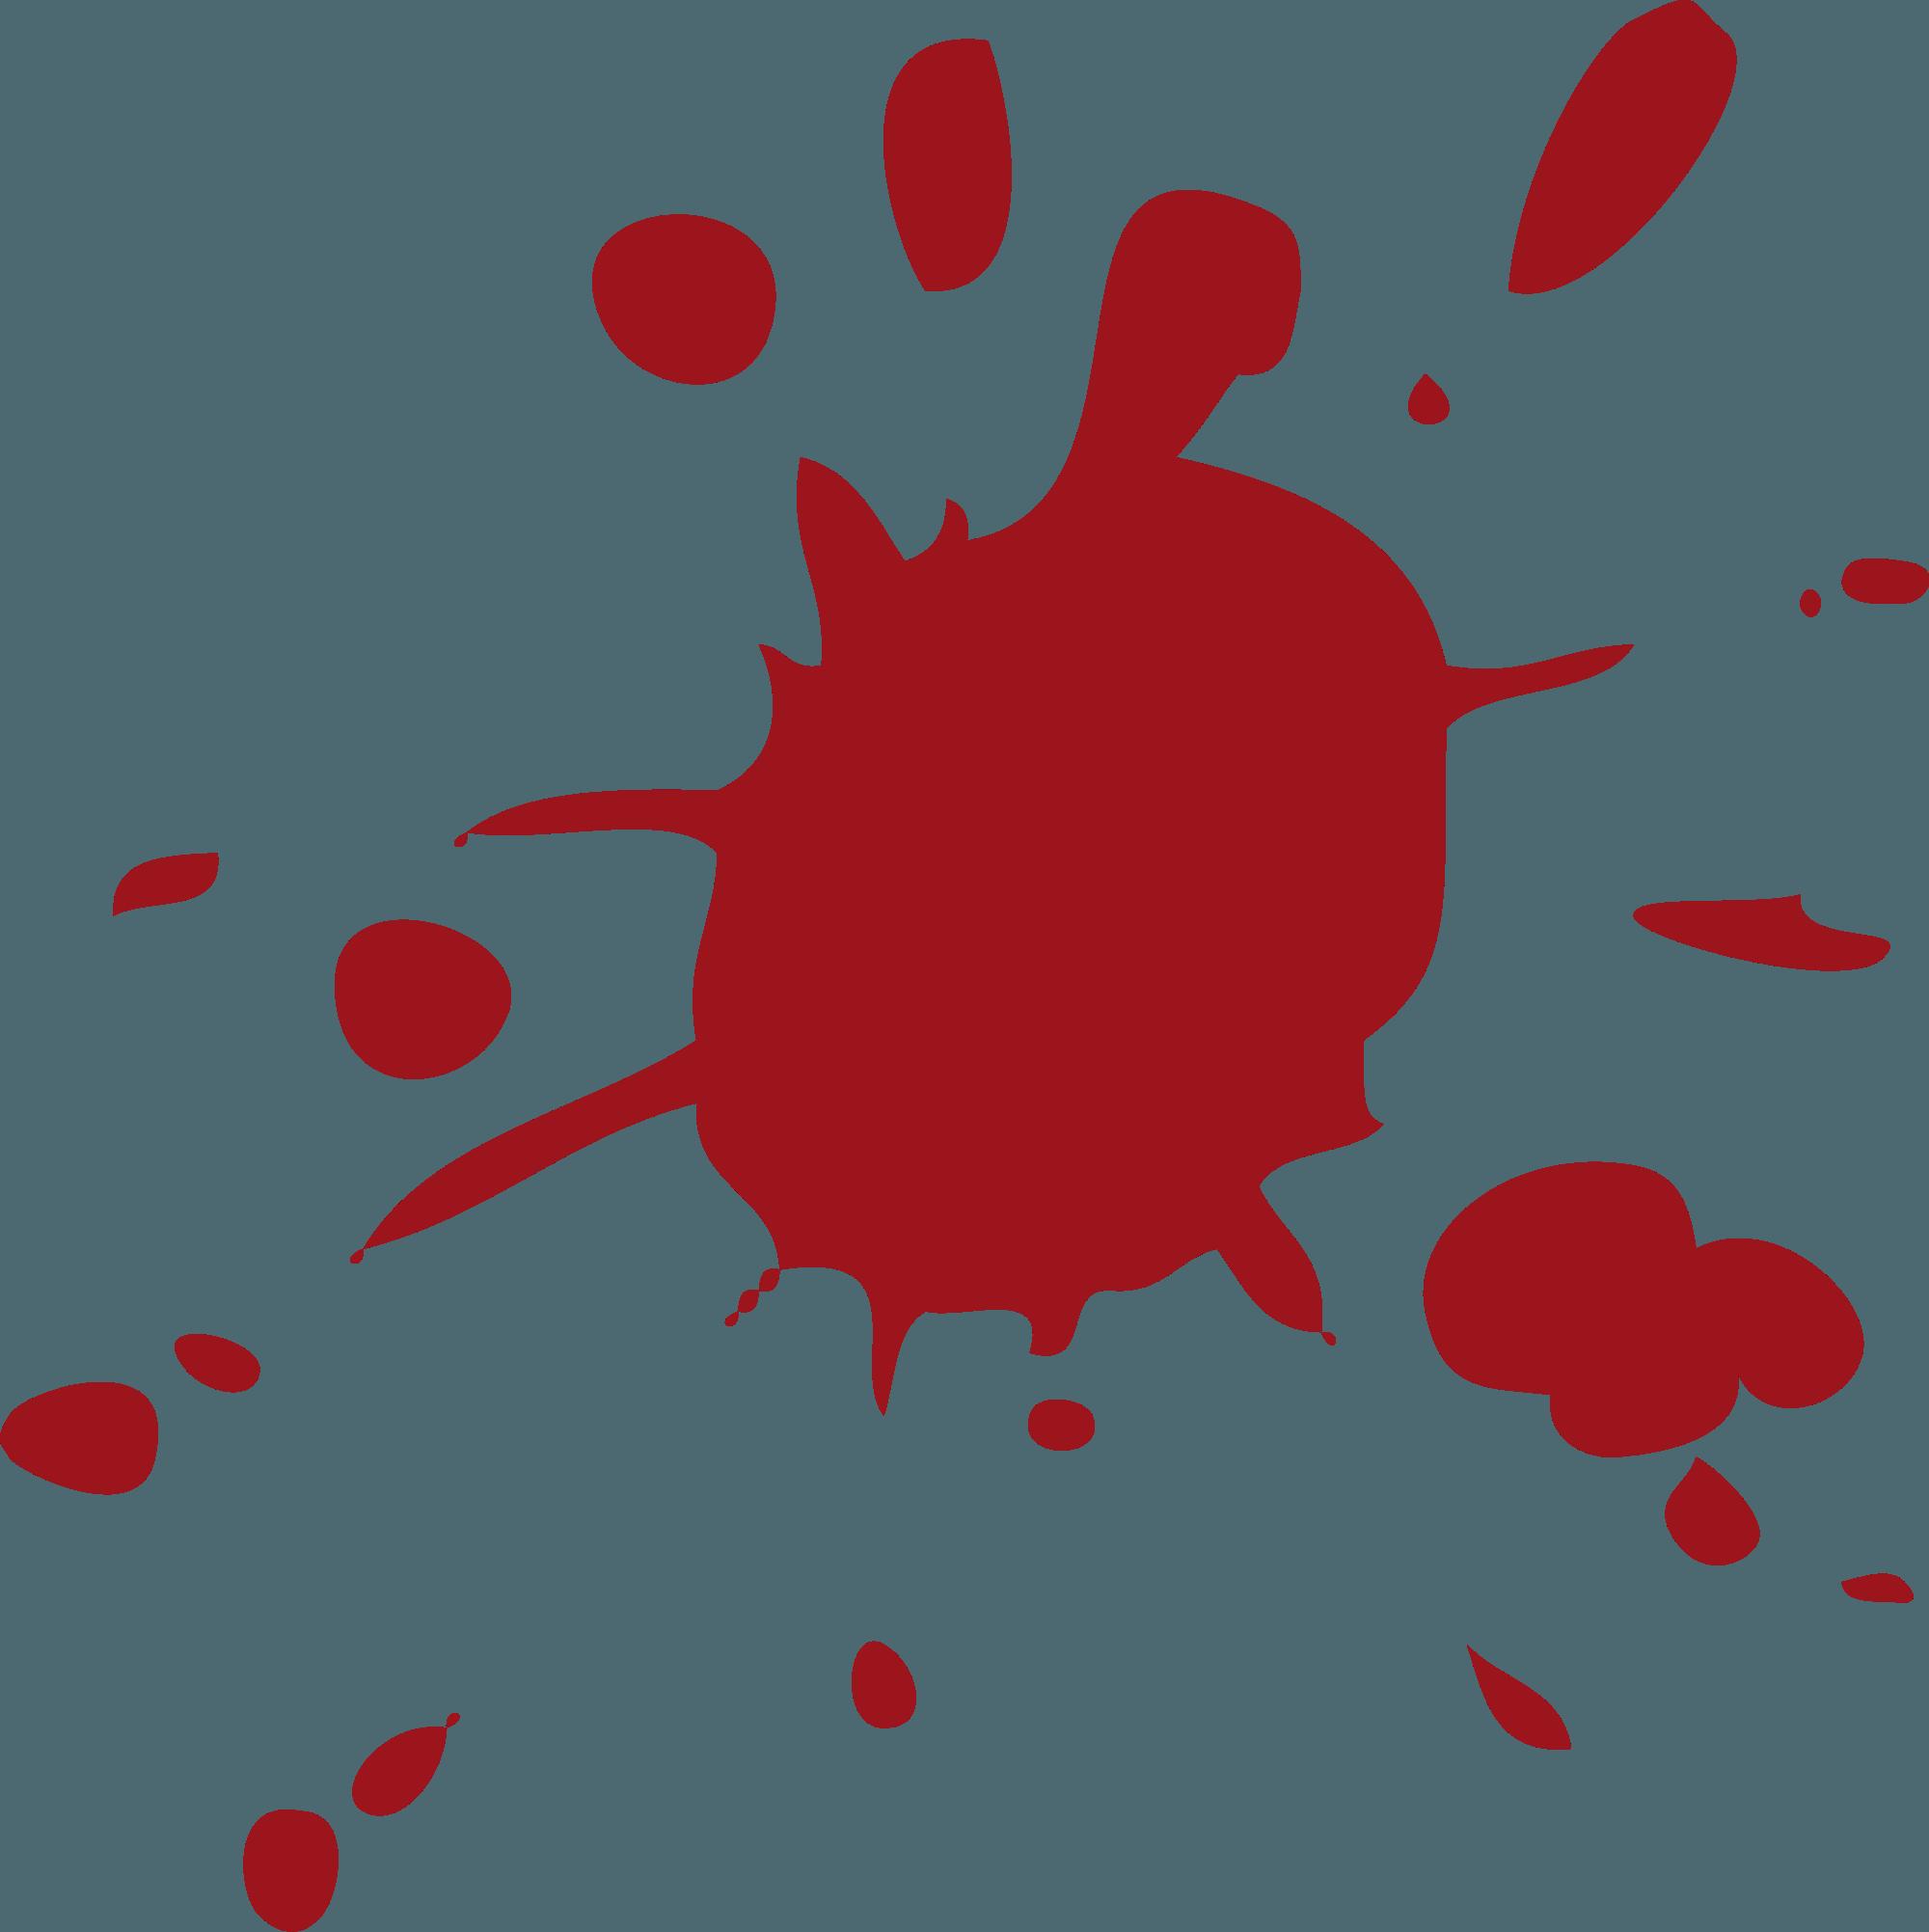 Blood clipart emoji. Download png image hq